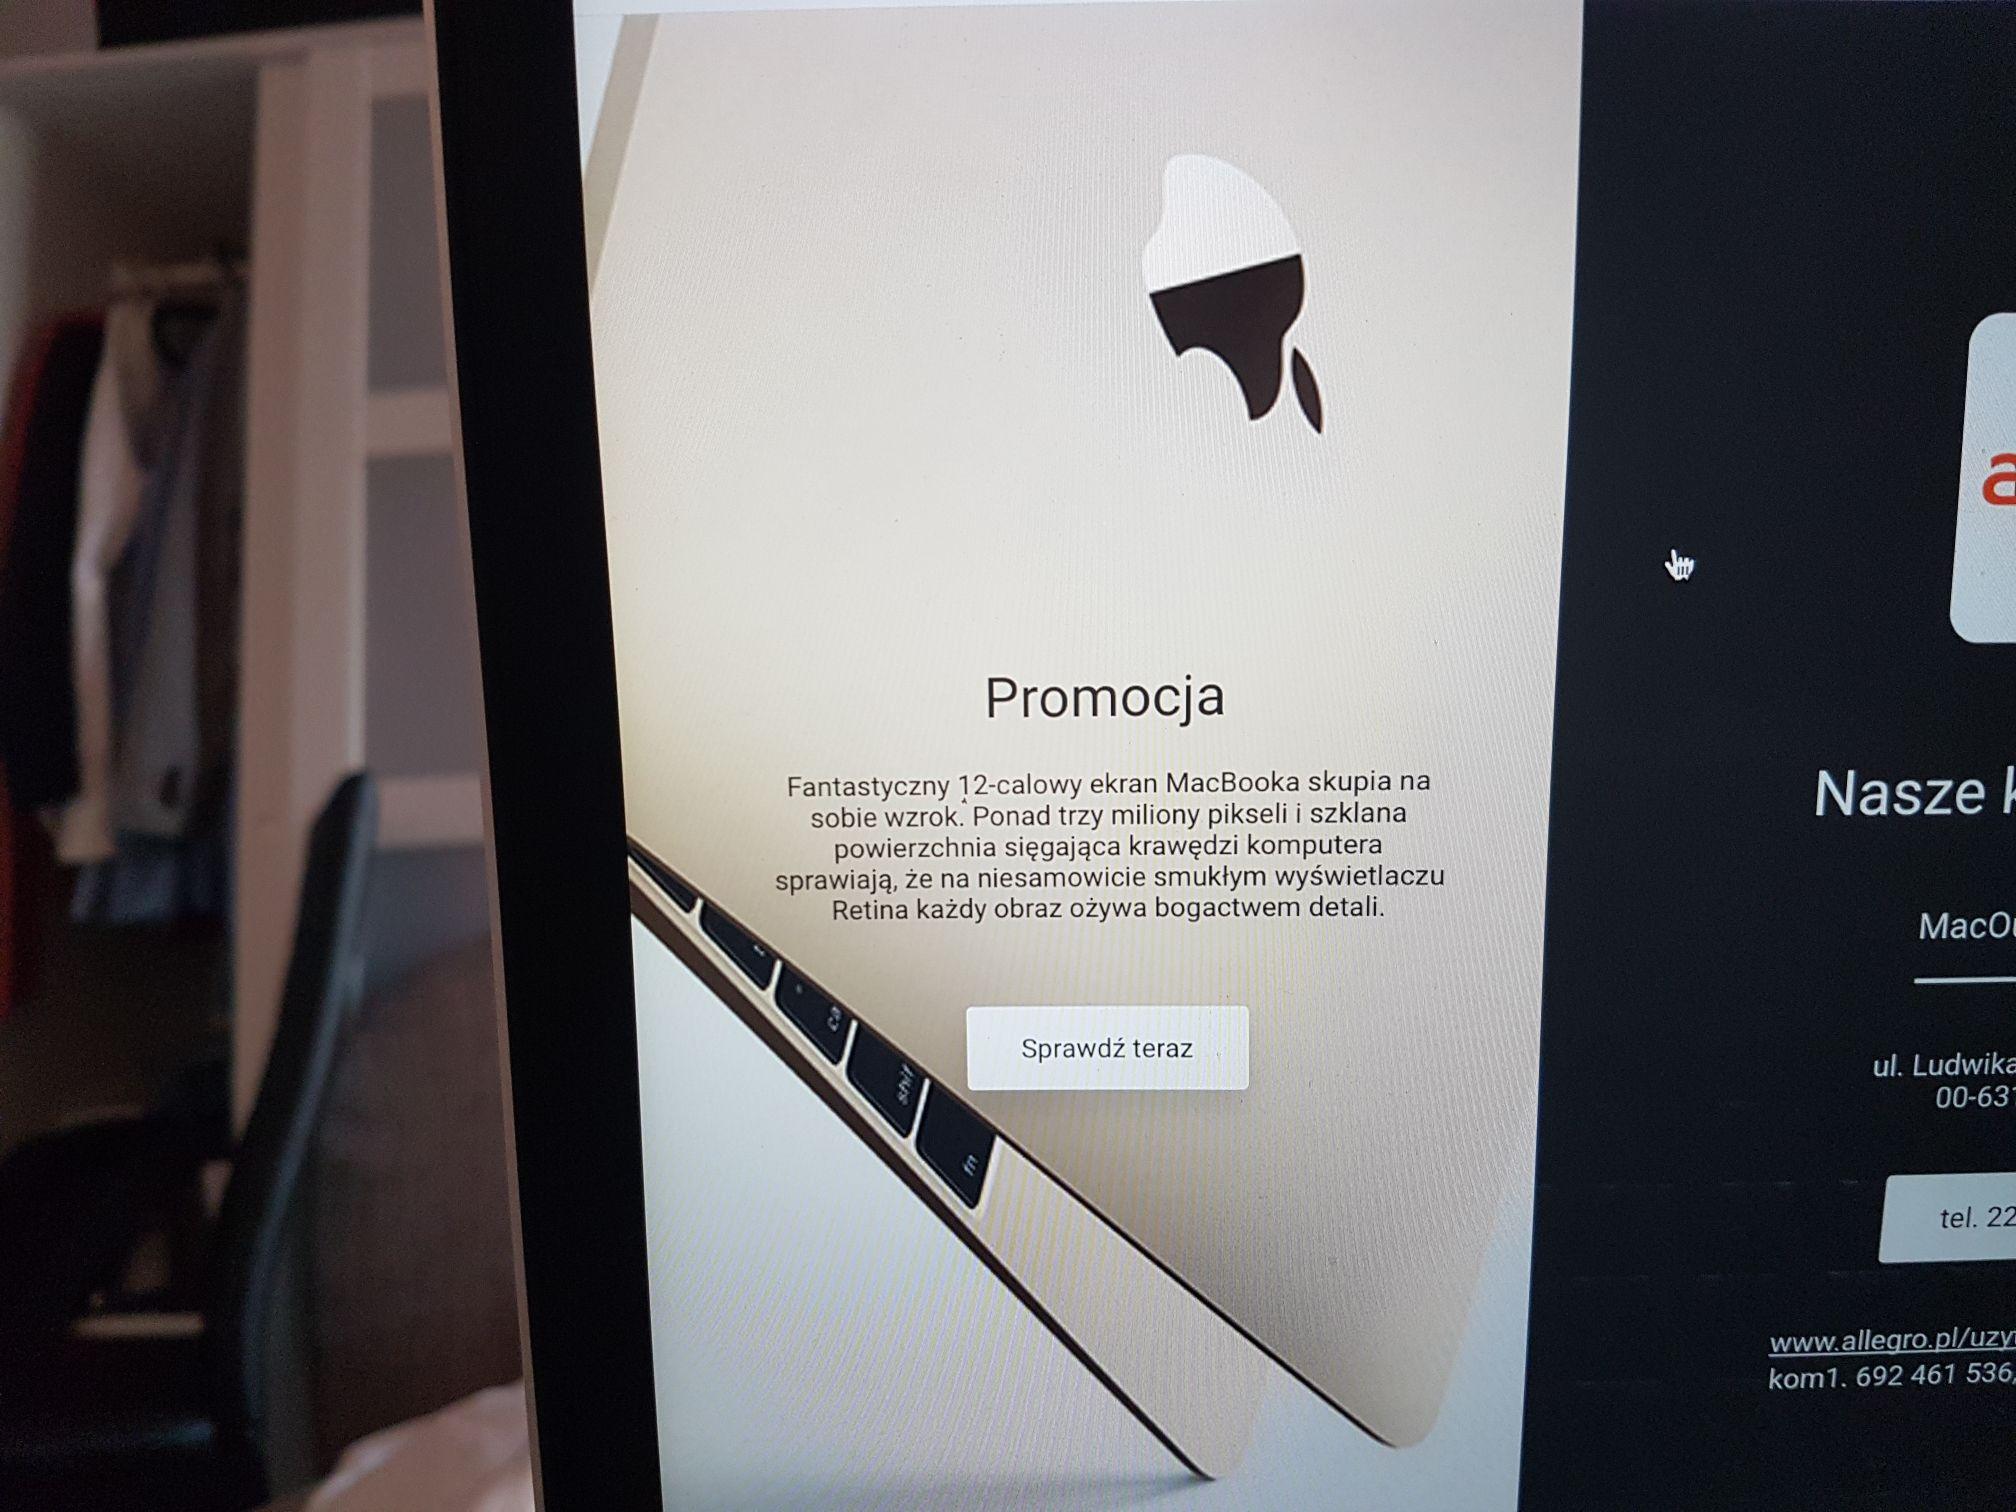 Apple MacBook 12 kolor Złoty Core M 1.2ghz 8gb 512gb